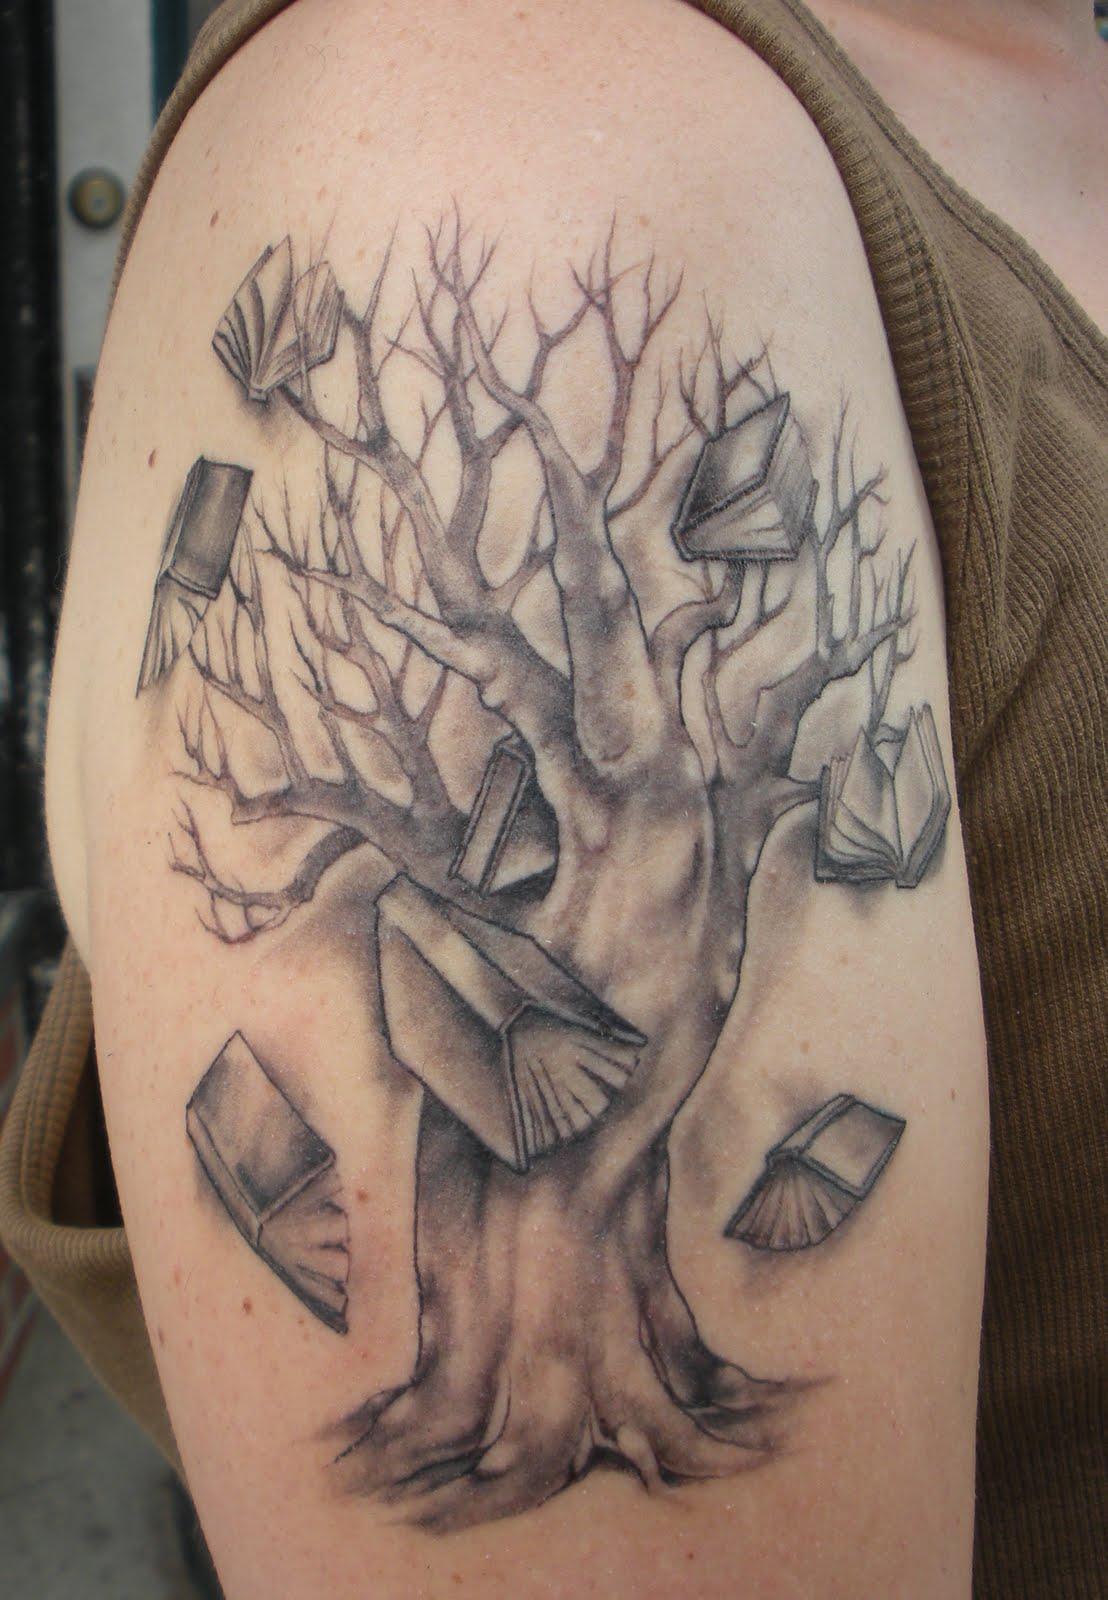 Tattoo Territory